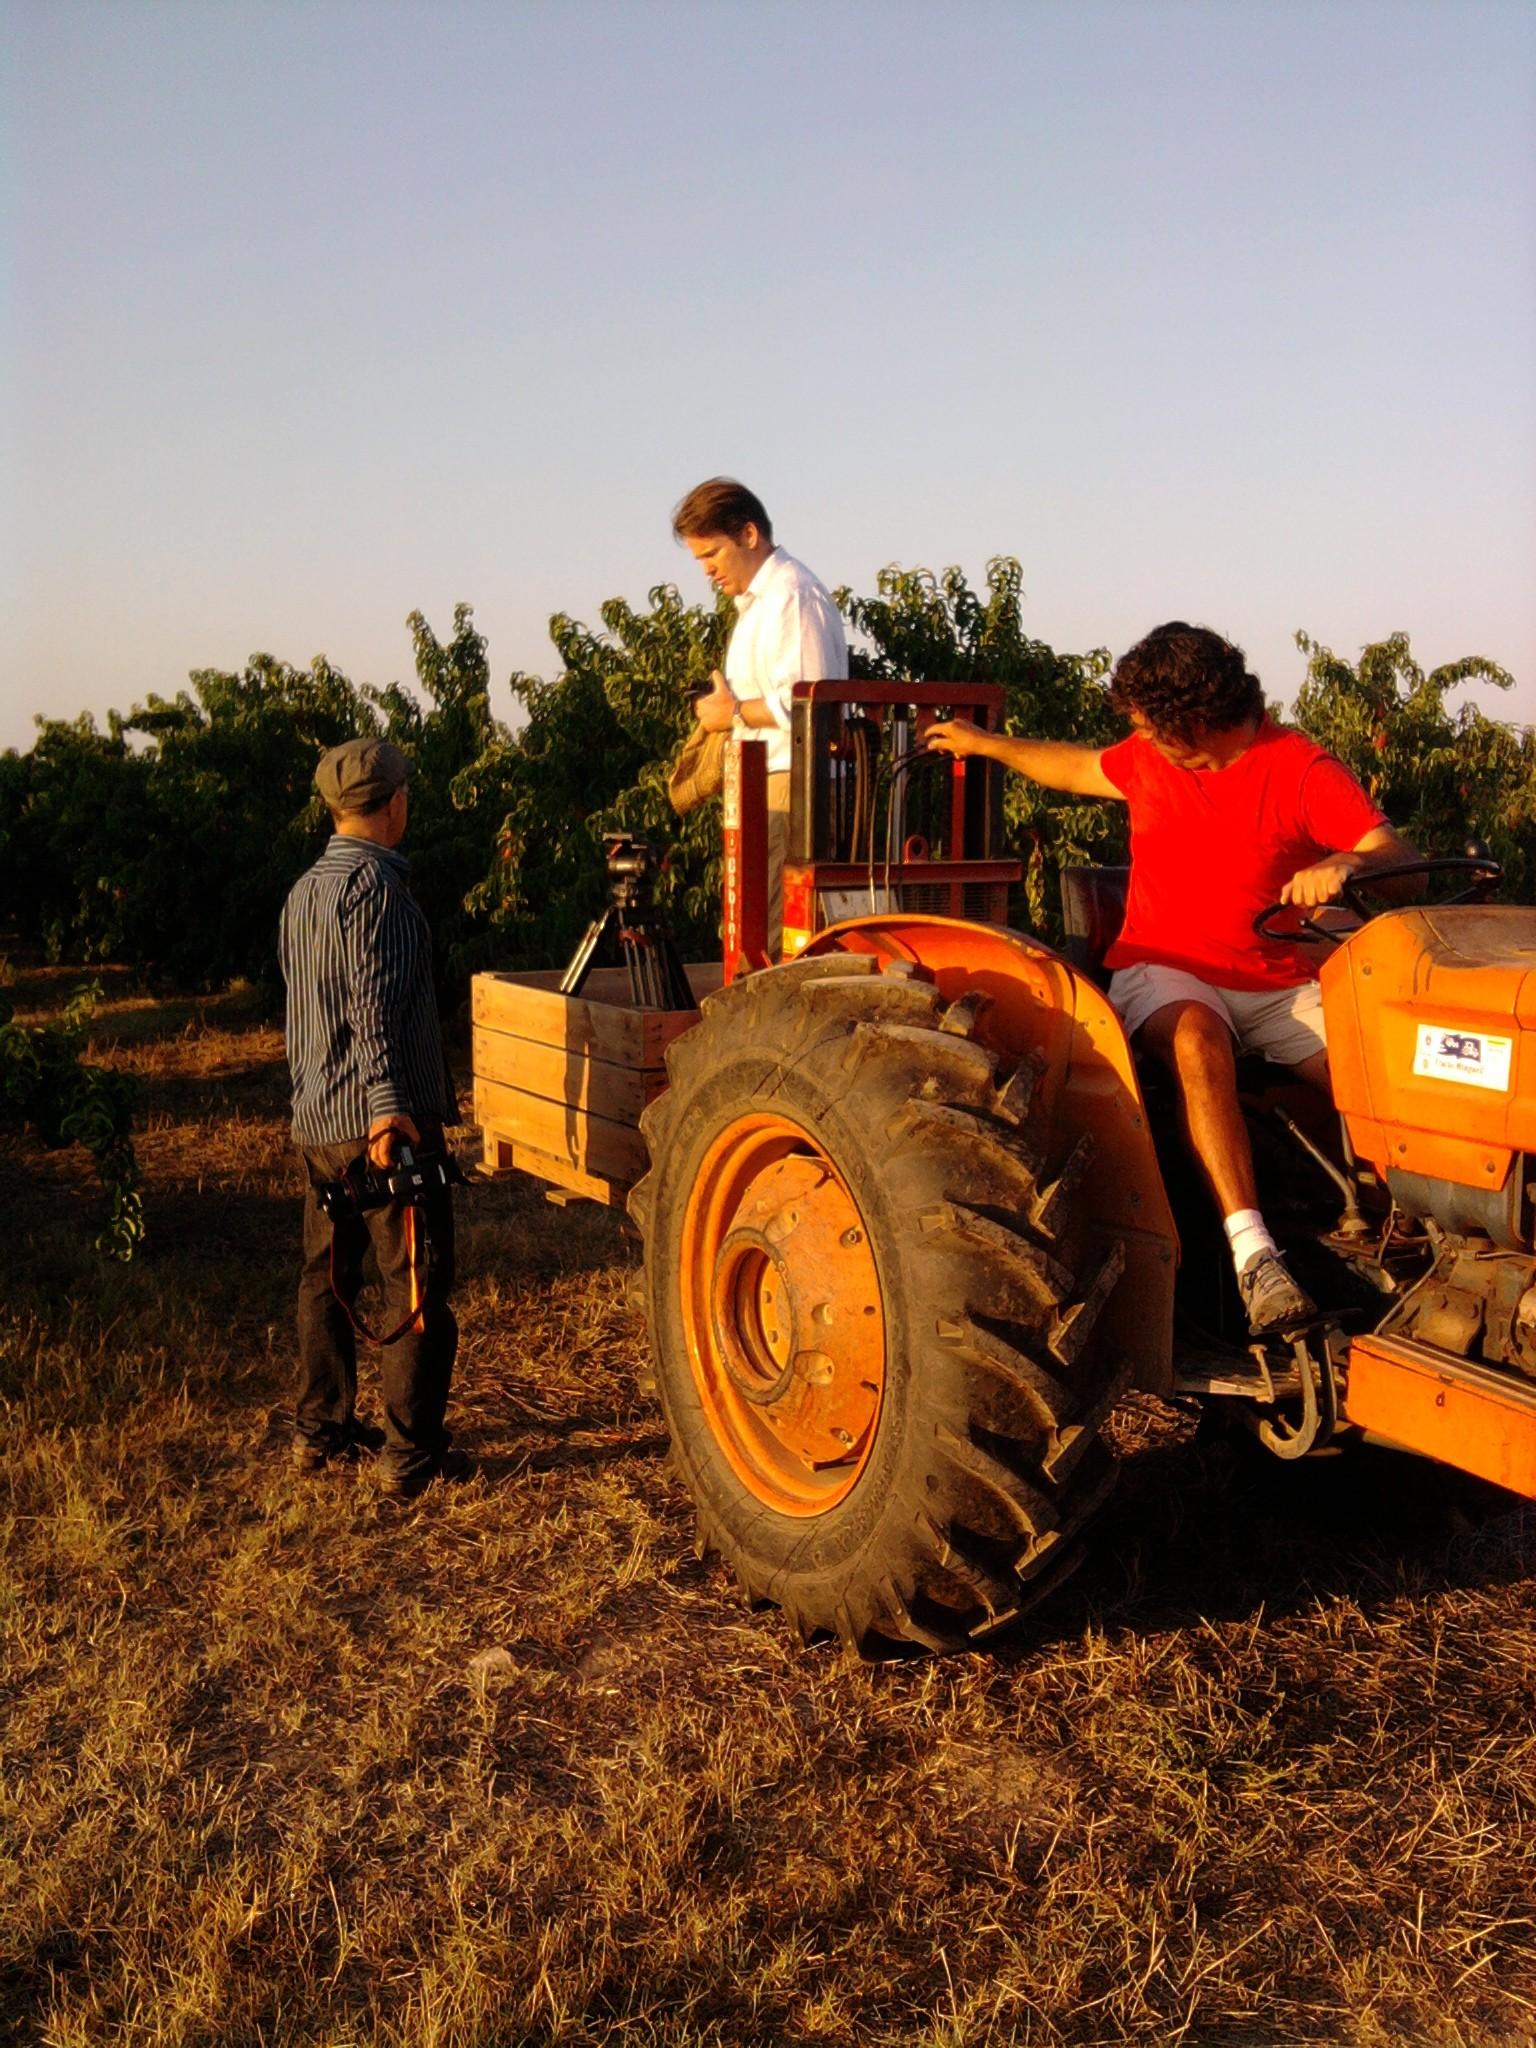 Hervé Cohen (DOP); Paul Austin (réalisateur) et Manel Olle exploitant agricole, en tournage dans les champs de pêches dans la région de Lleida en Espagne @Arnaud Soulier